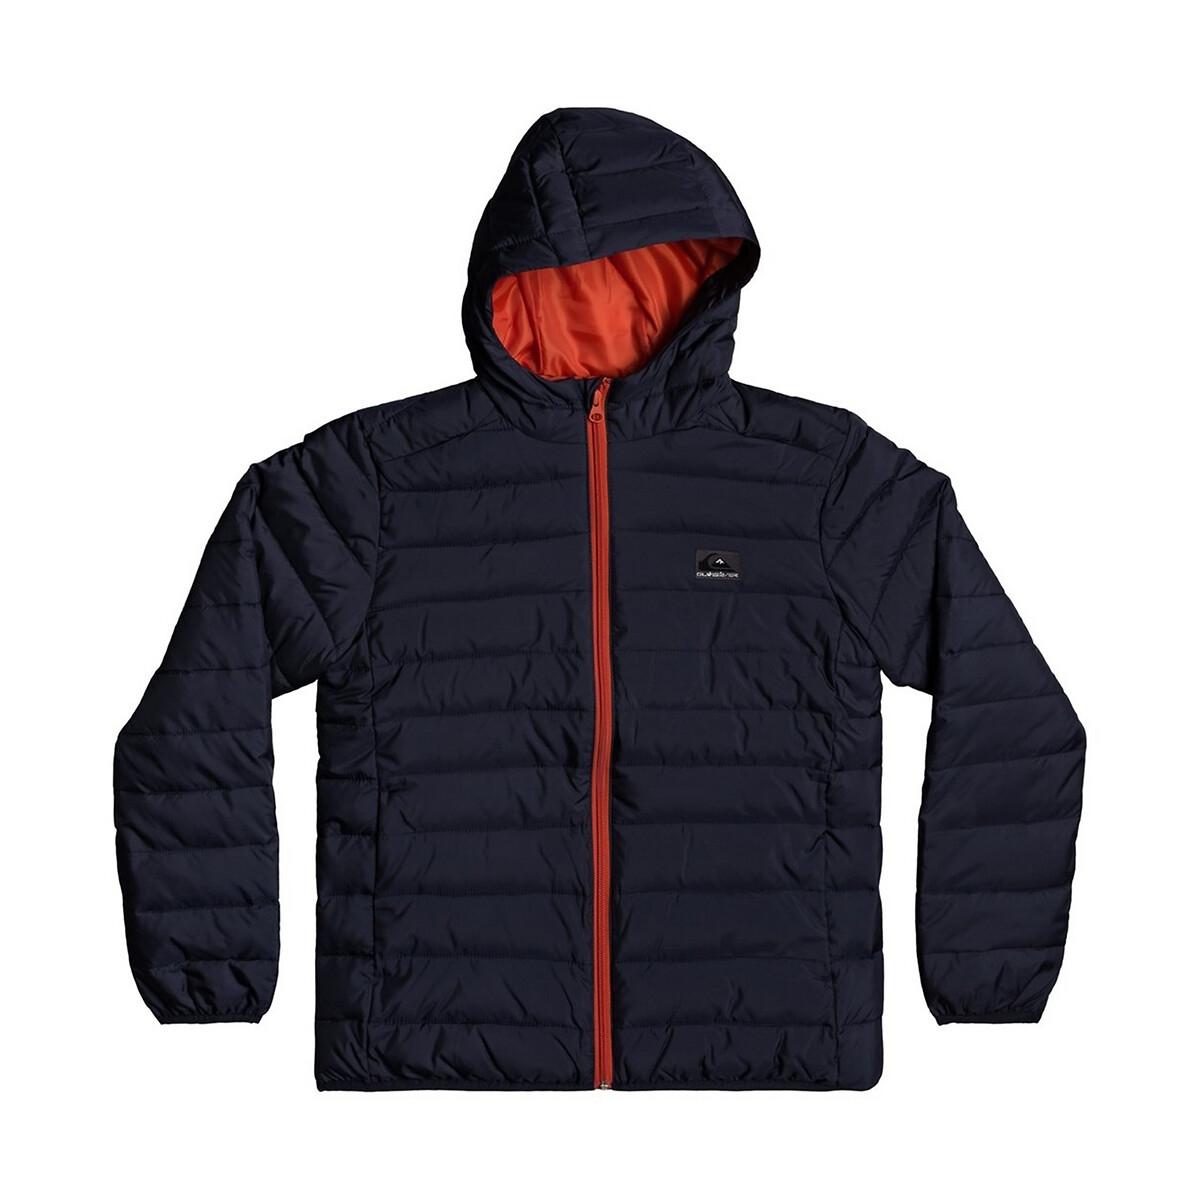 Куртка La Redoute Стеганая с капюшоном 8 - 16 лет 16 лет - 174 см синий куртка la redoute тонкая непромокаемая maxime xxl синий